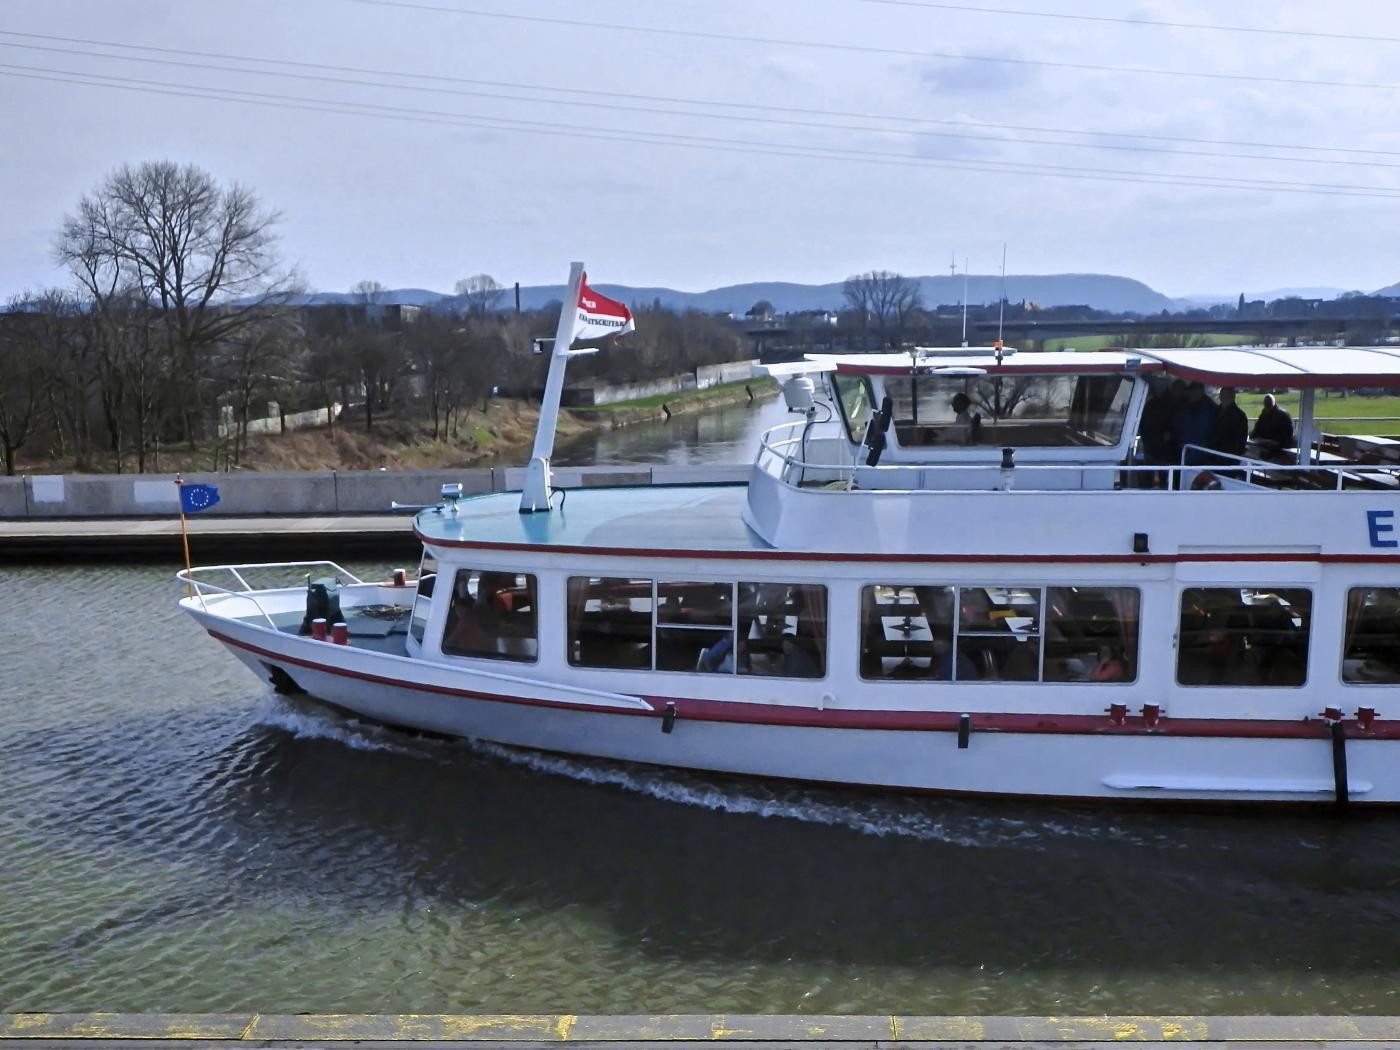 Fahrgastschiff 13m über der Weser